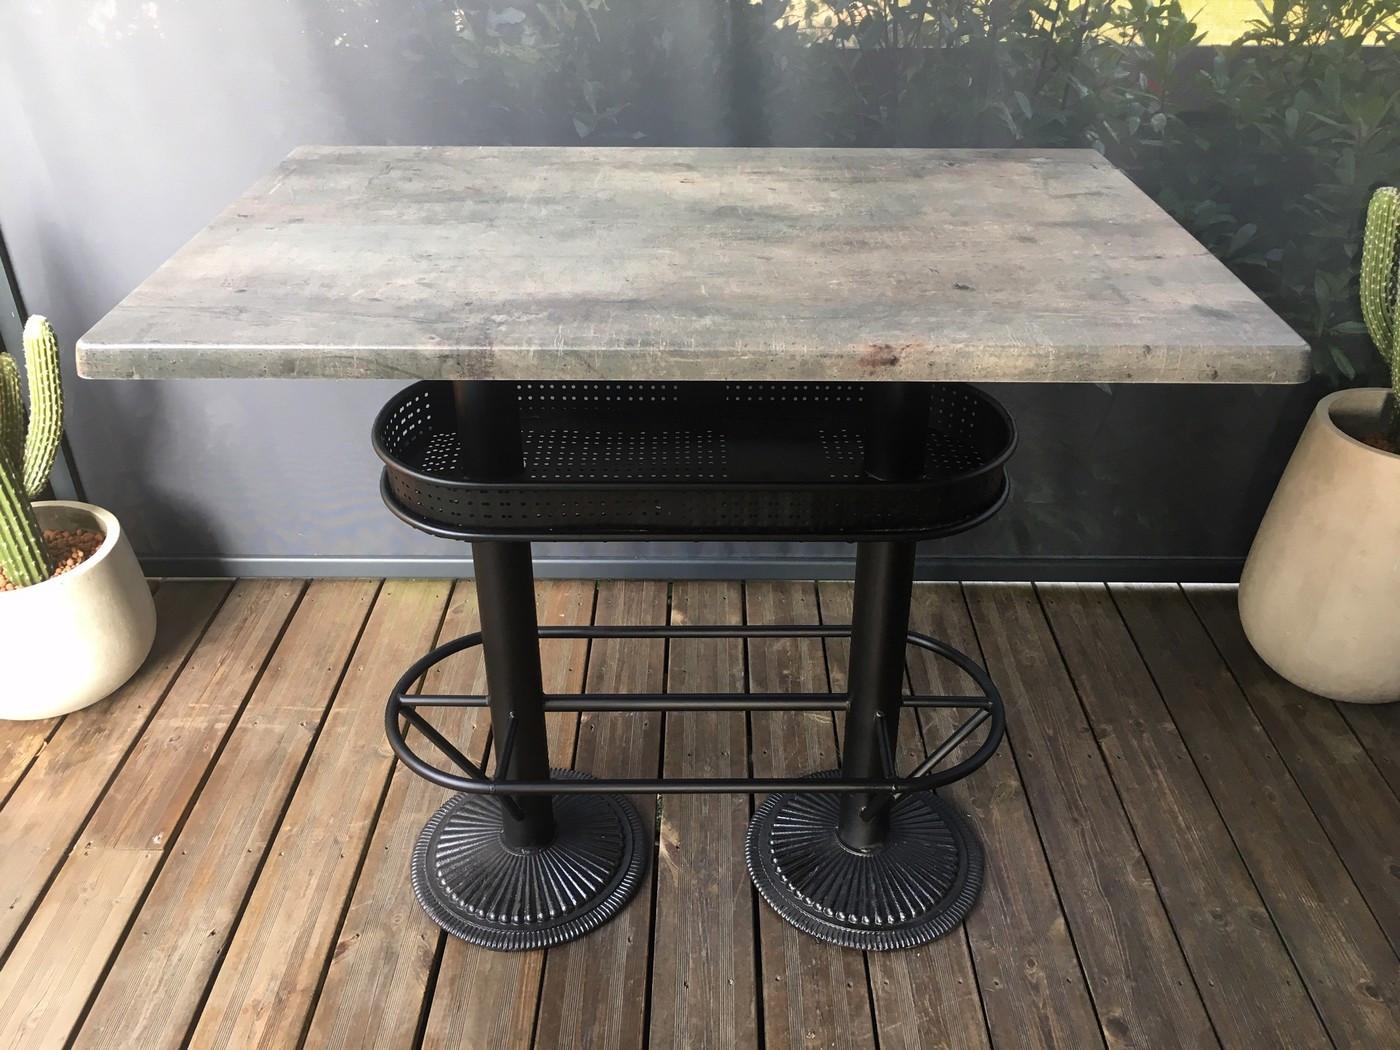 Table bistrot/industriel plateau effet beton gris